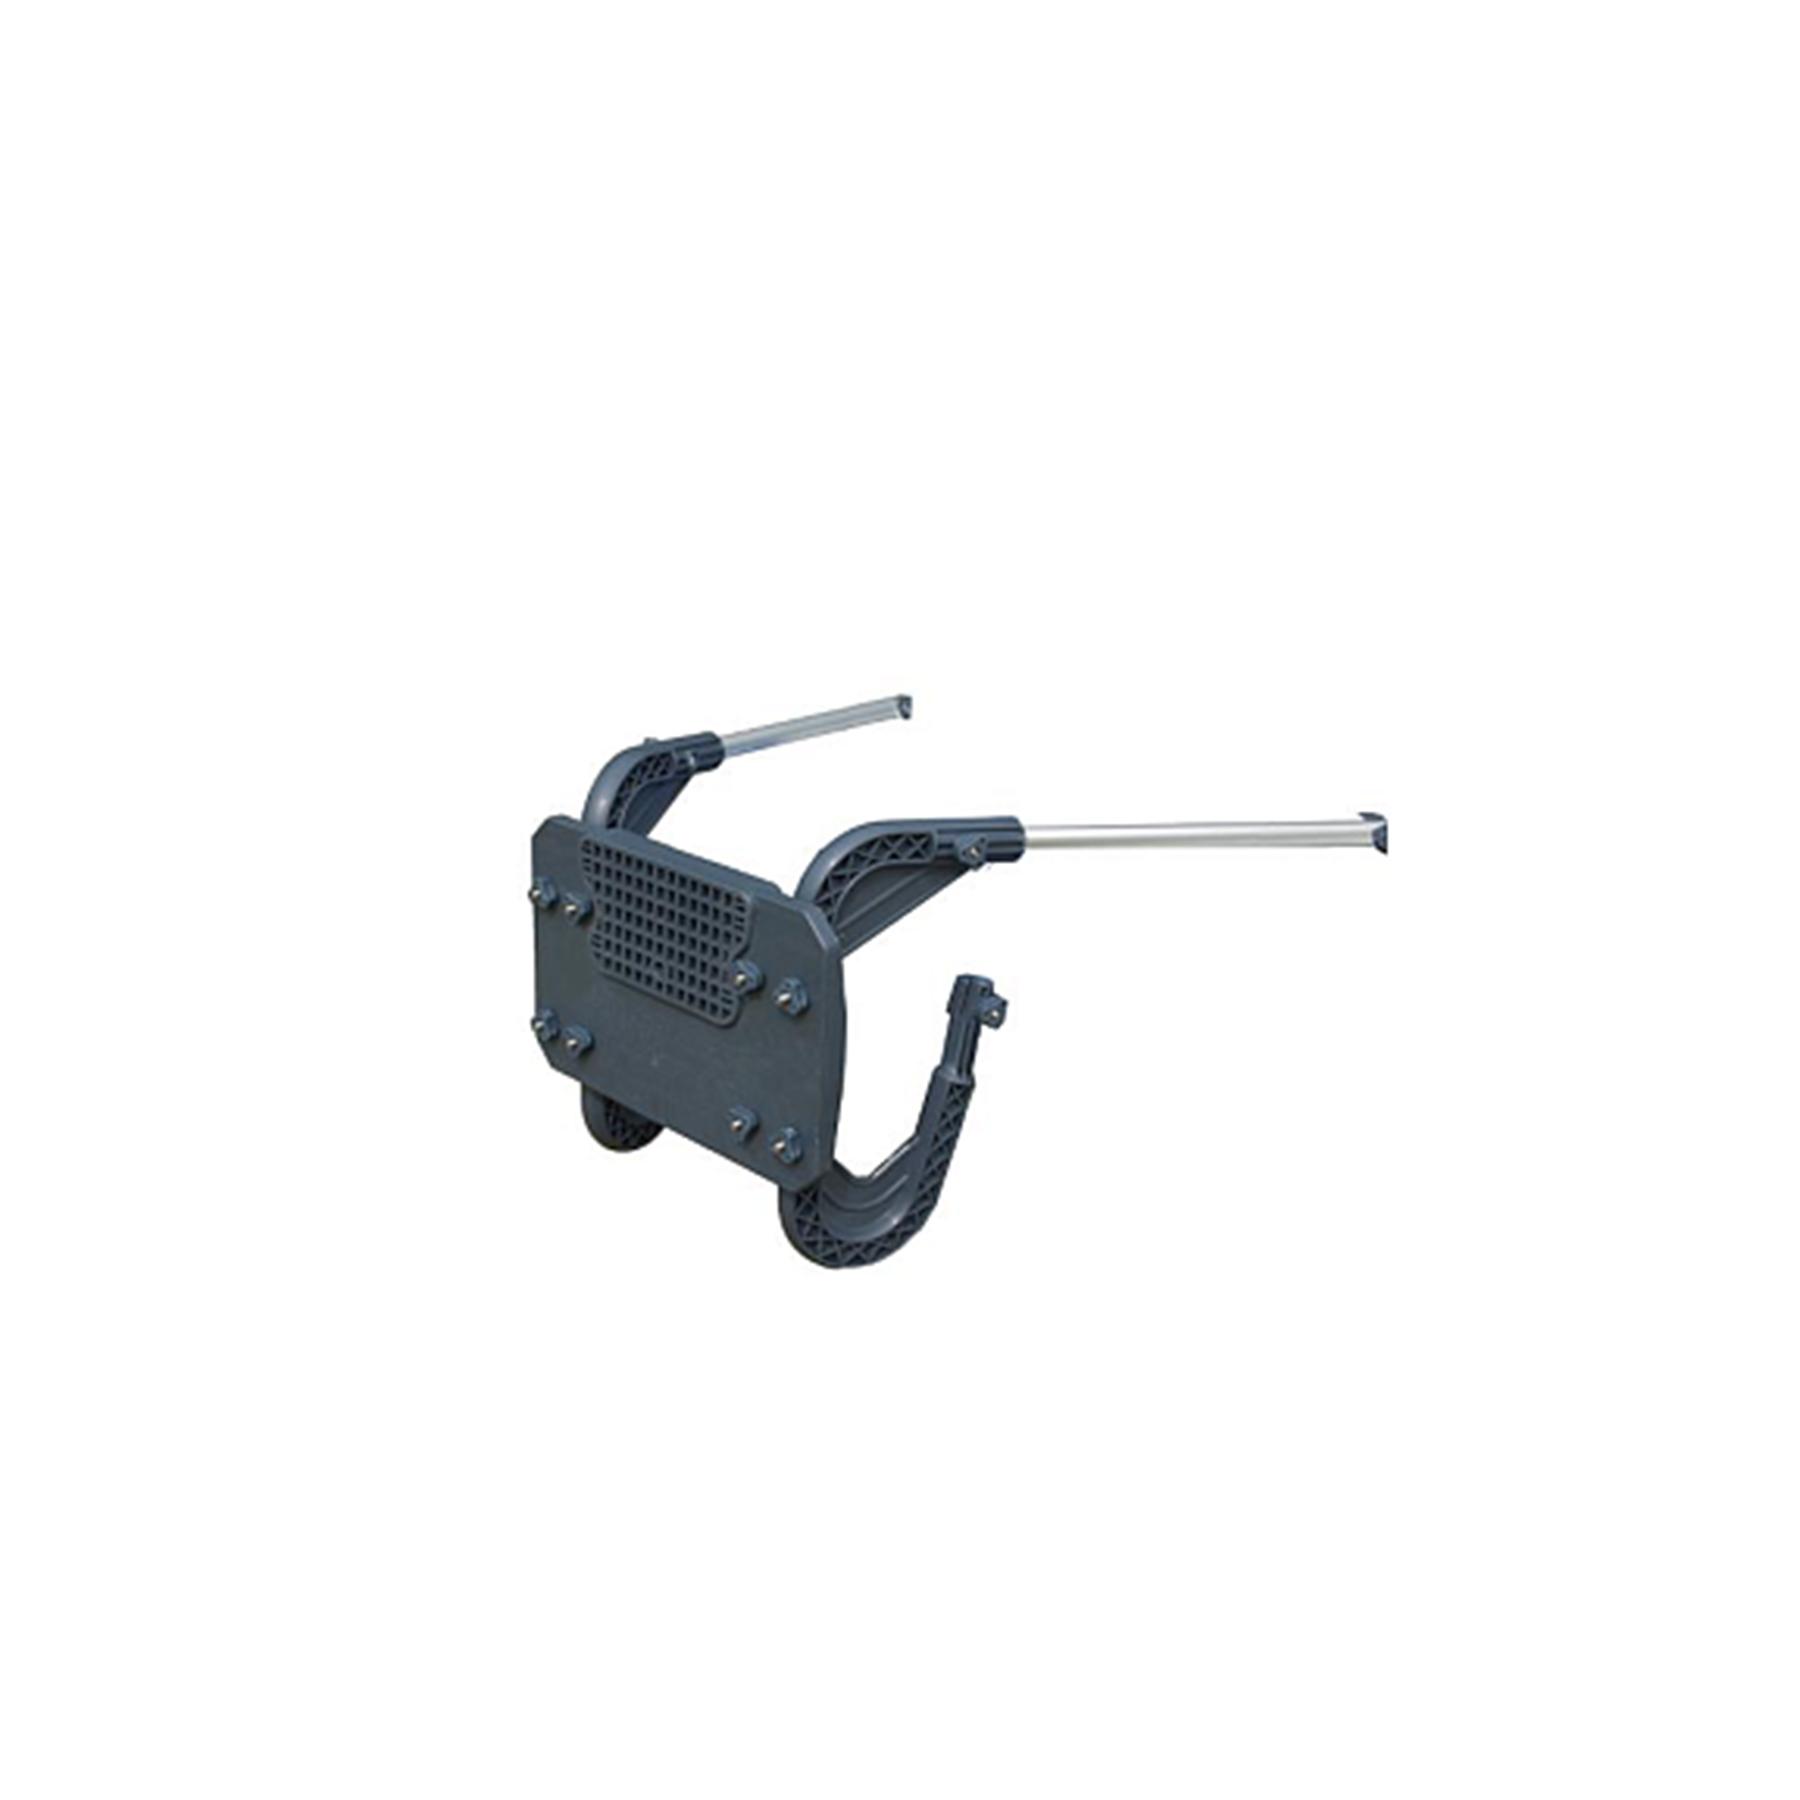 68624 Комплект для установки мотора к лодке